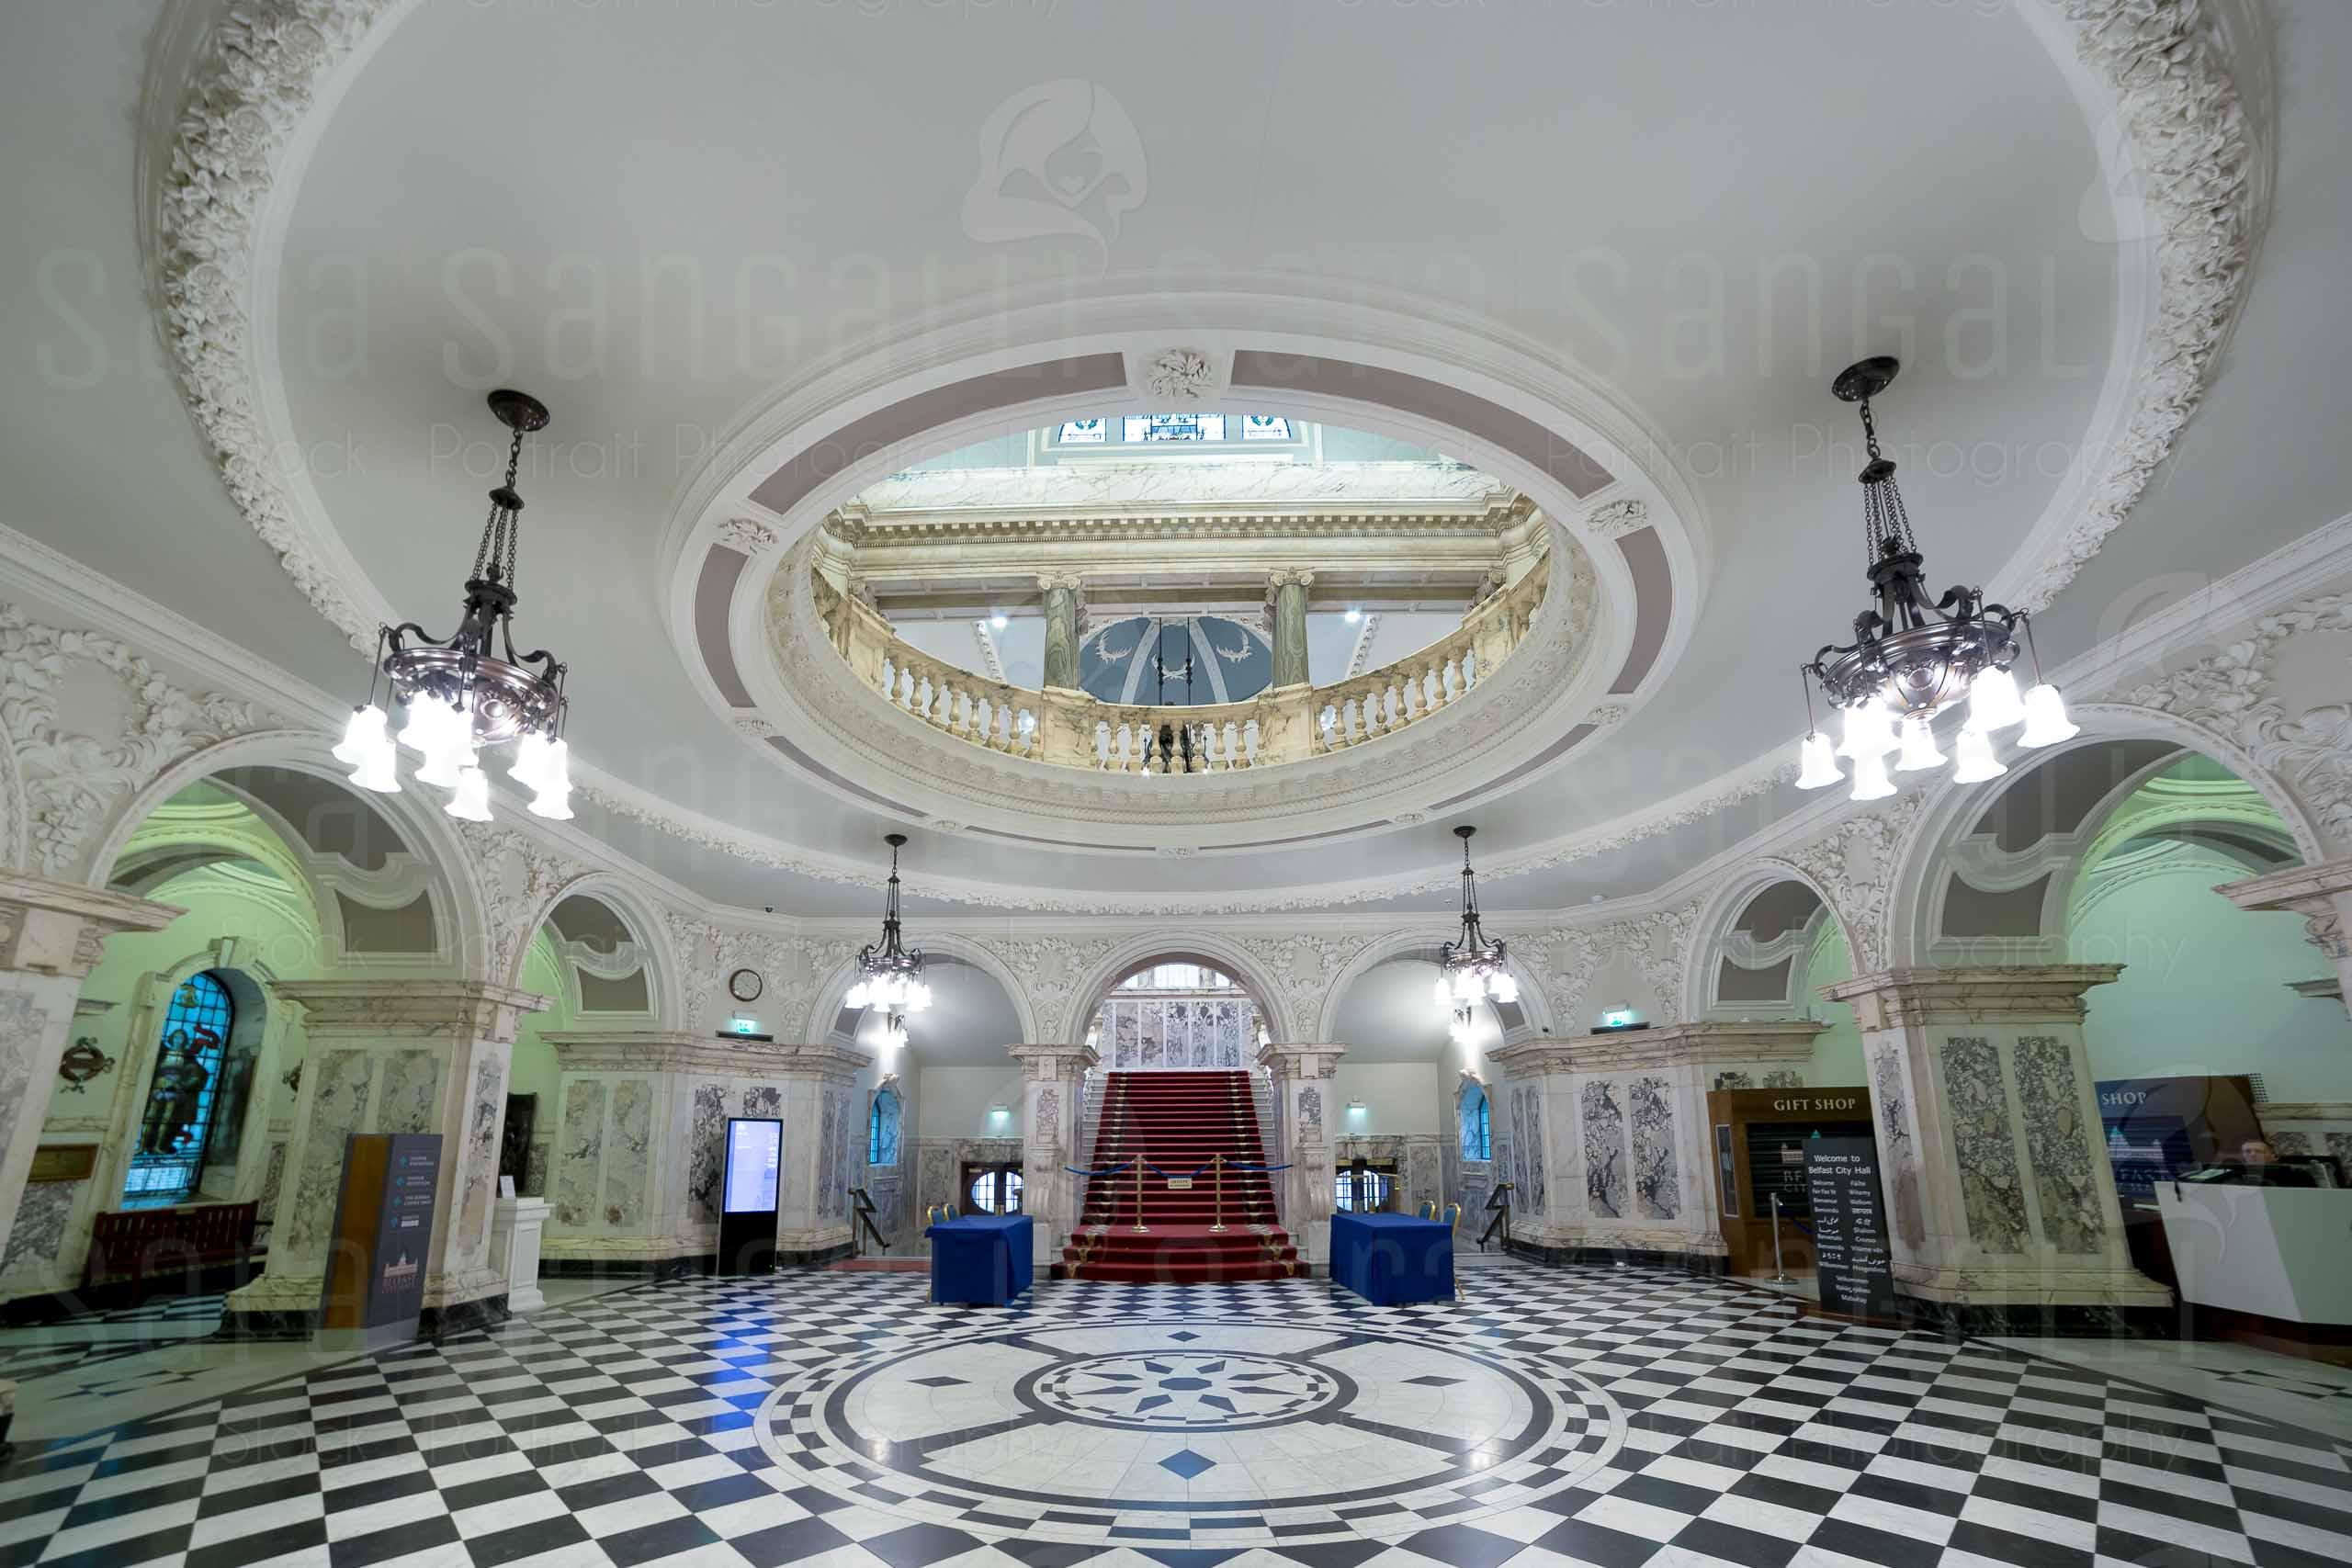 Gli interni del municipio di Belfast, dettaglio della scala centrale. Situato in piazza Donegall. La costruzione iniziò nel 1898 e fu completata nel 1906